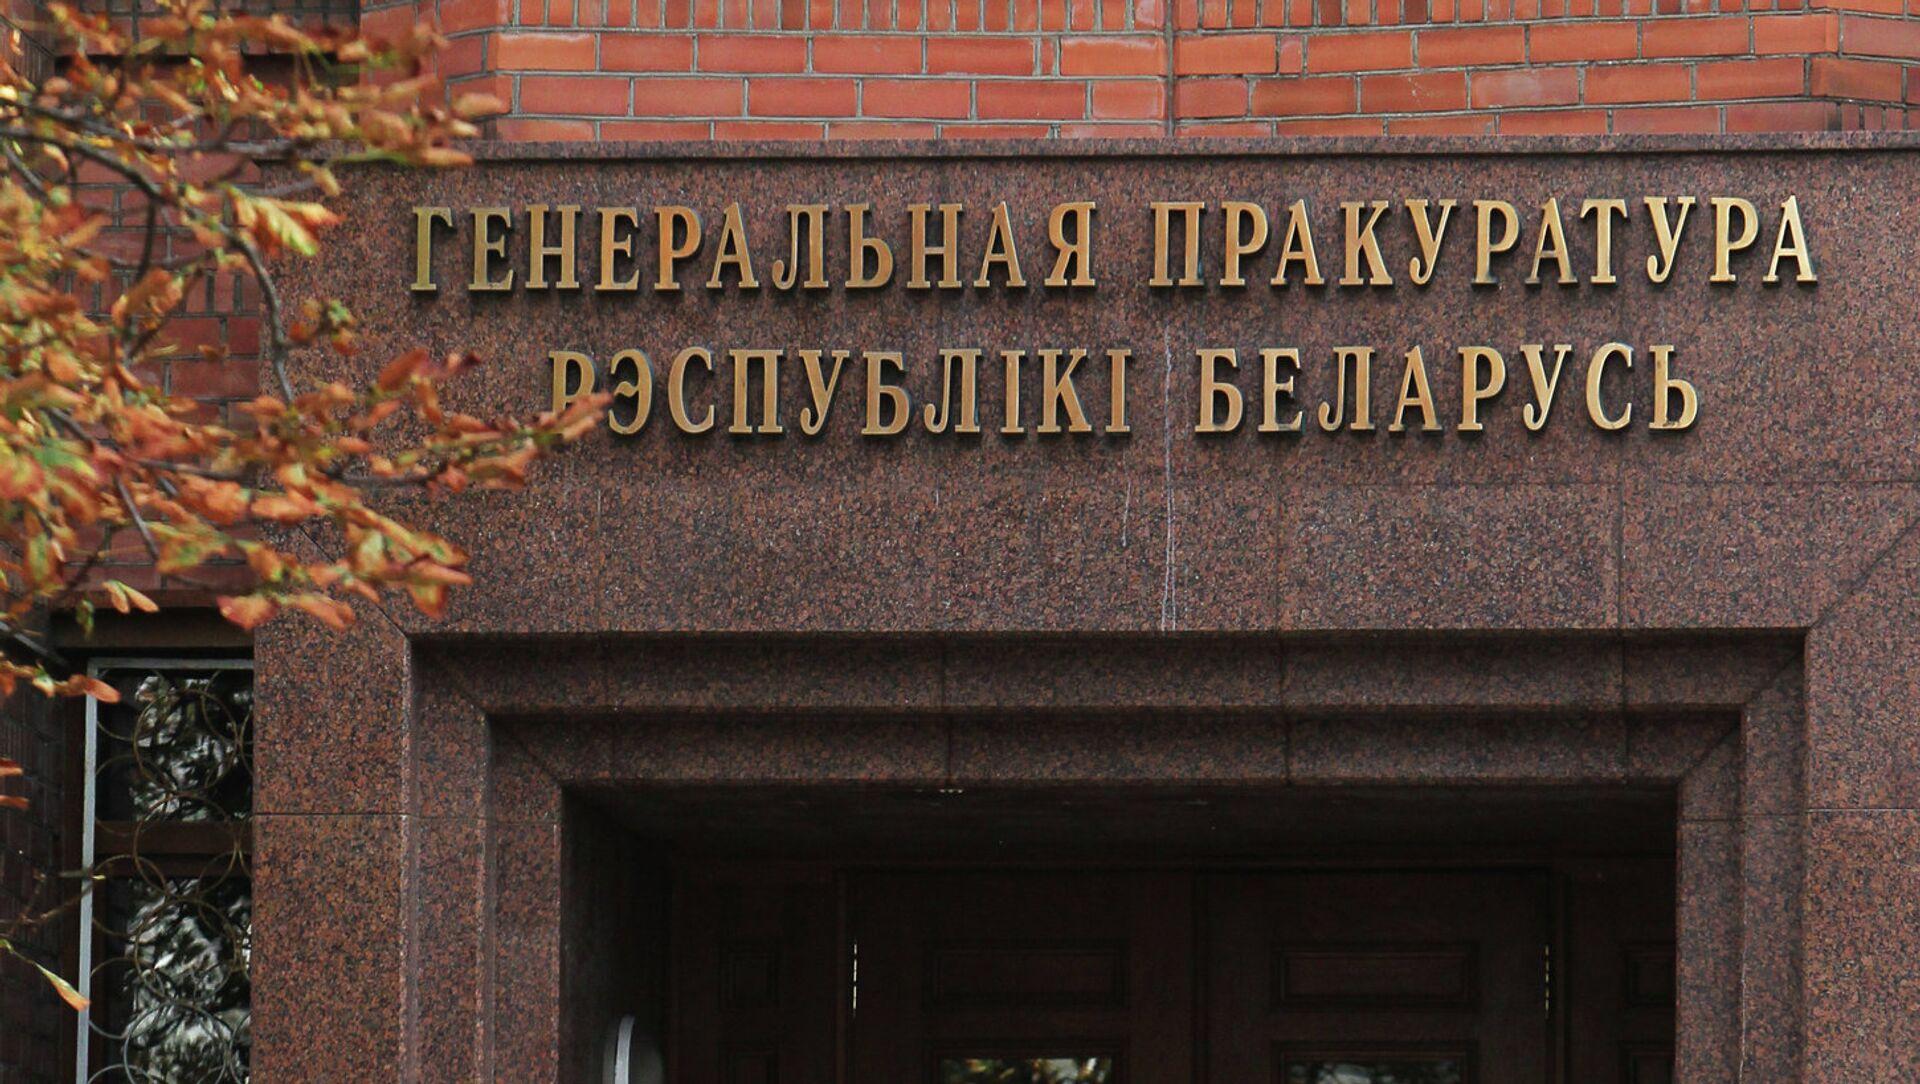 Здание генеральной прокуратуры Беларуси - Sputnik Беларусь, 1920, 25.03.2021